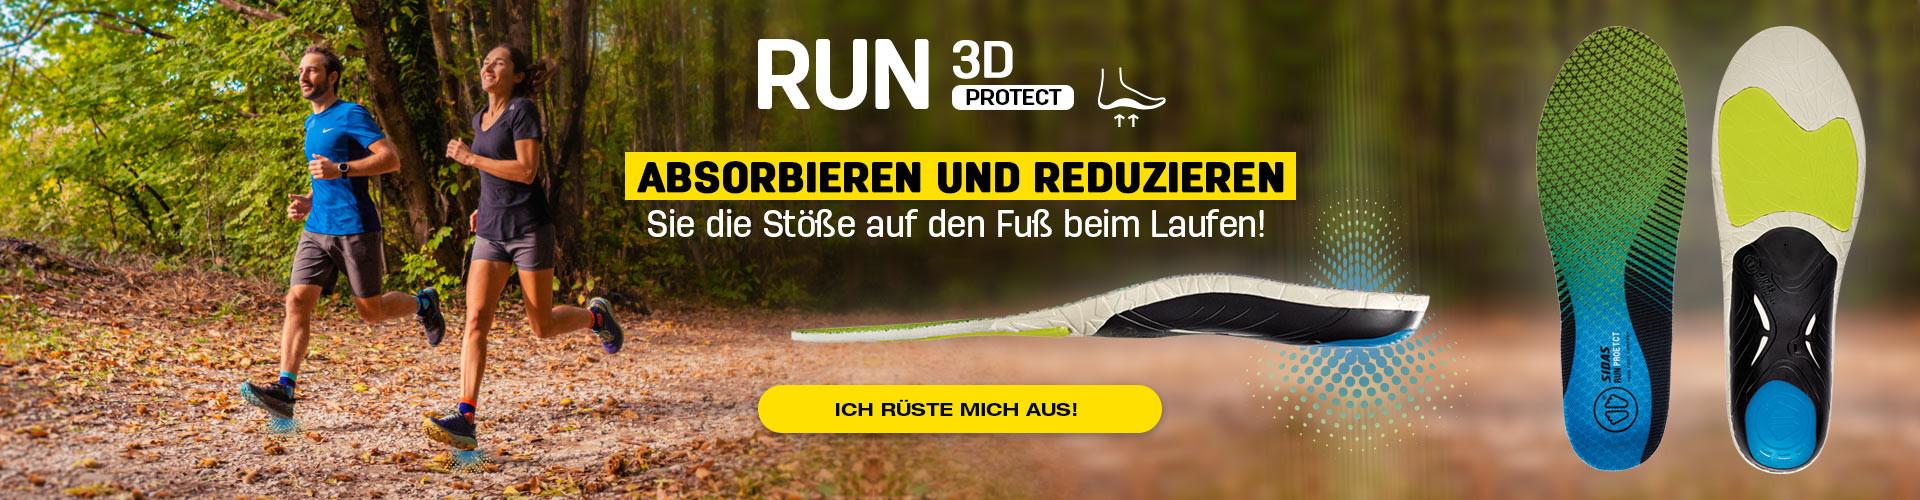 Absorbieren und reduzieren Sie die Stöße auf den Fuß beim Laufen!